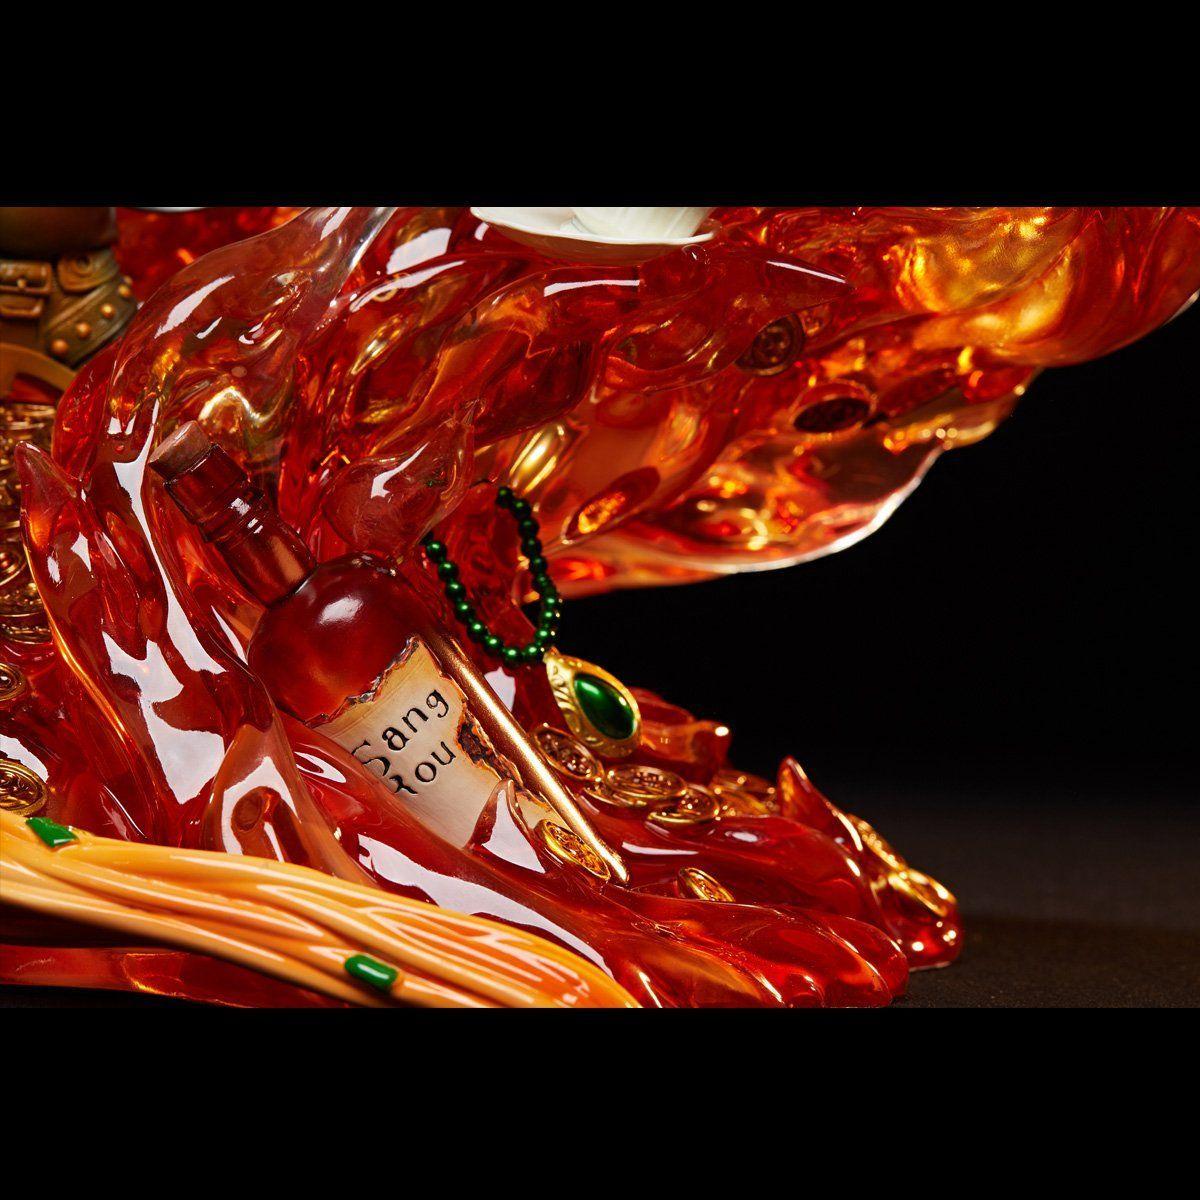 【限定販売】ワンピース ログコレクション 大型スタチューシリーズ『サンジ』完成品フィギュア-005